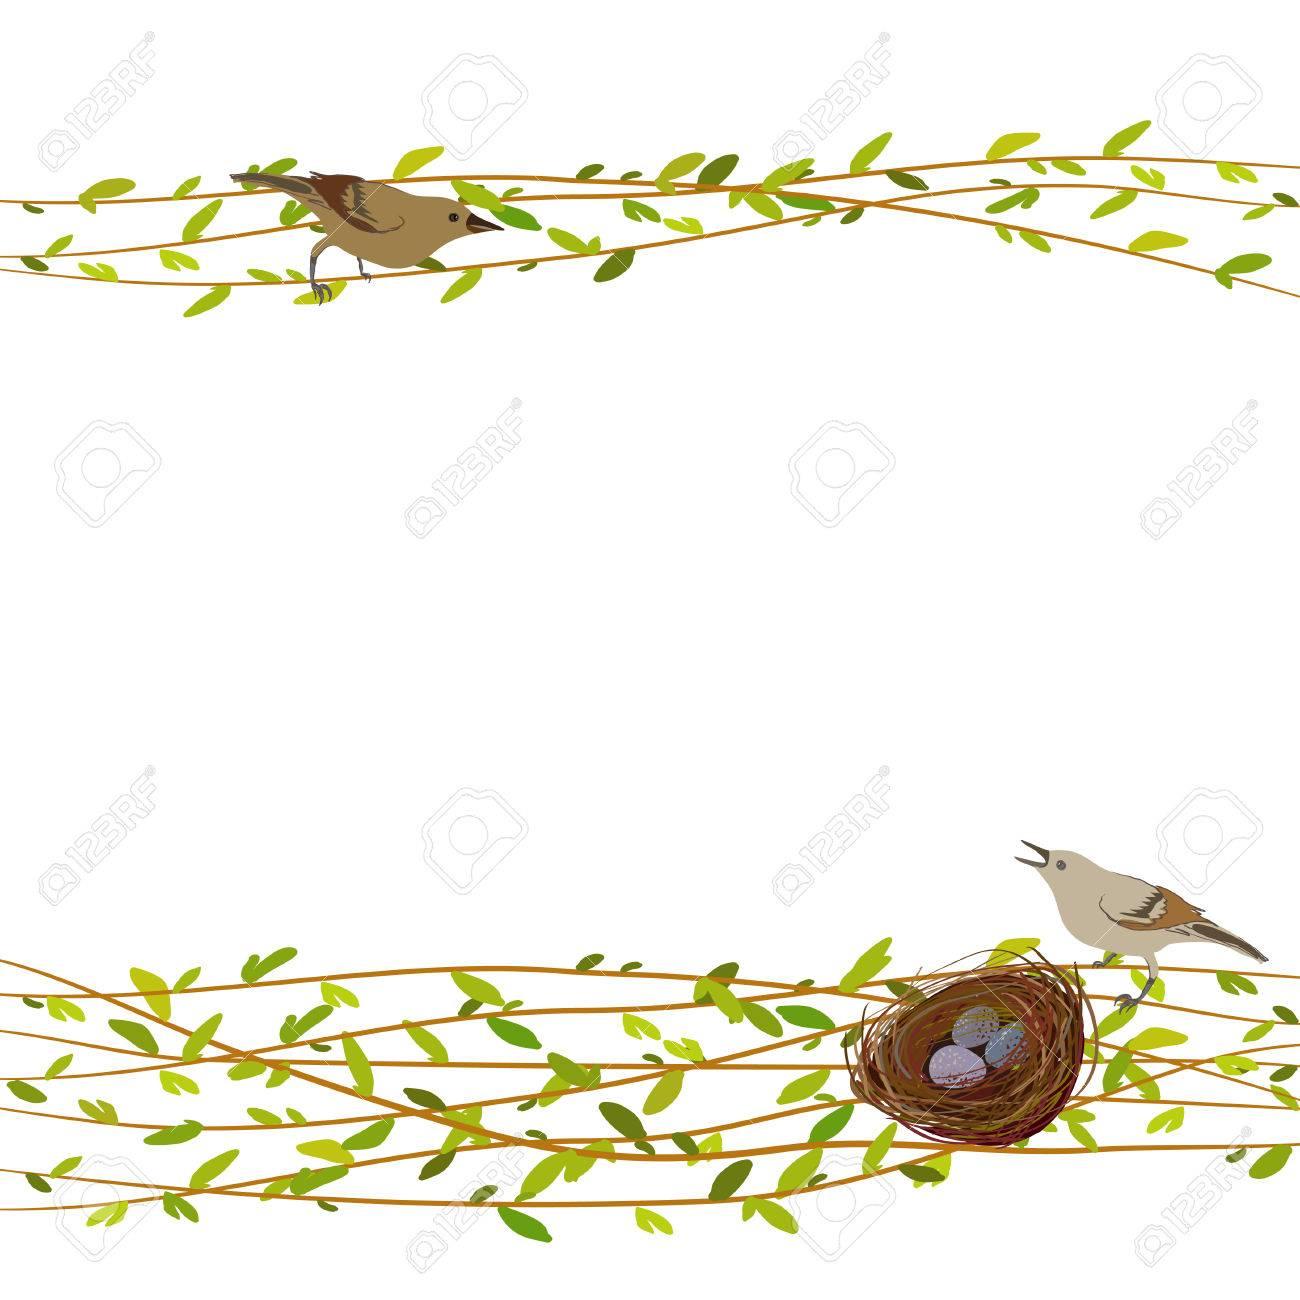 Primavera De Fondo Con Ramas De árboles De Sauce, Nido, Aves Y ...